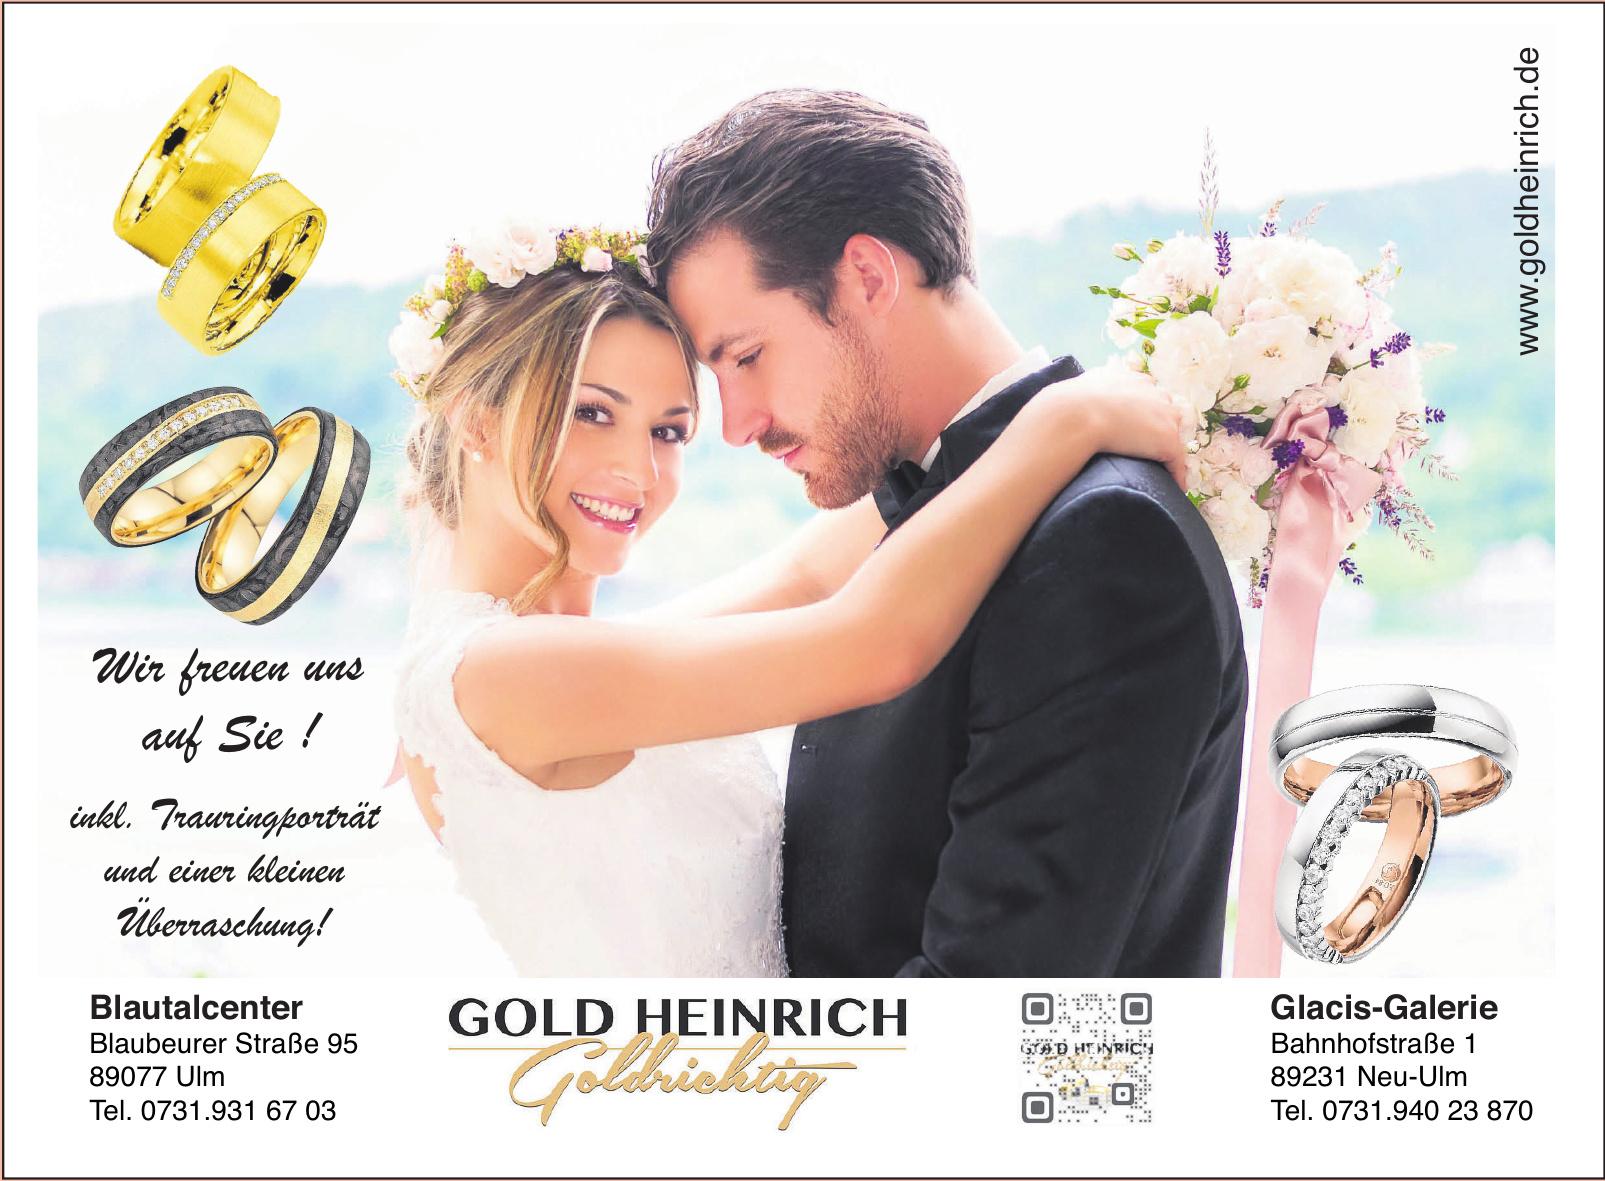 Gold Heinrich